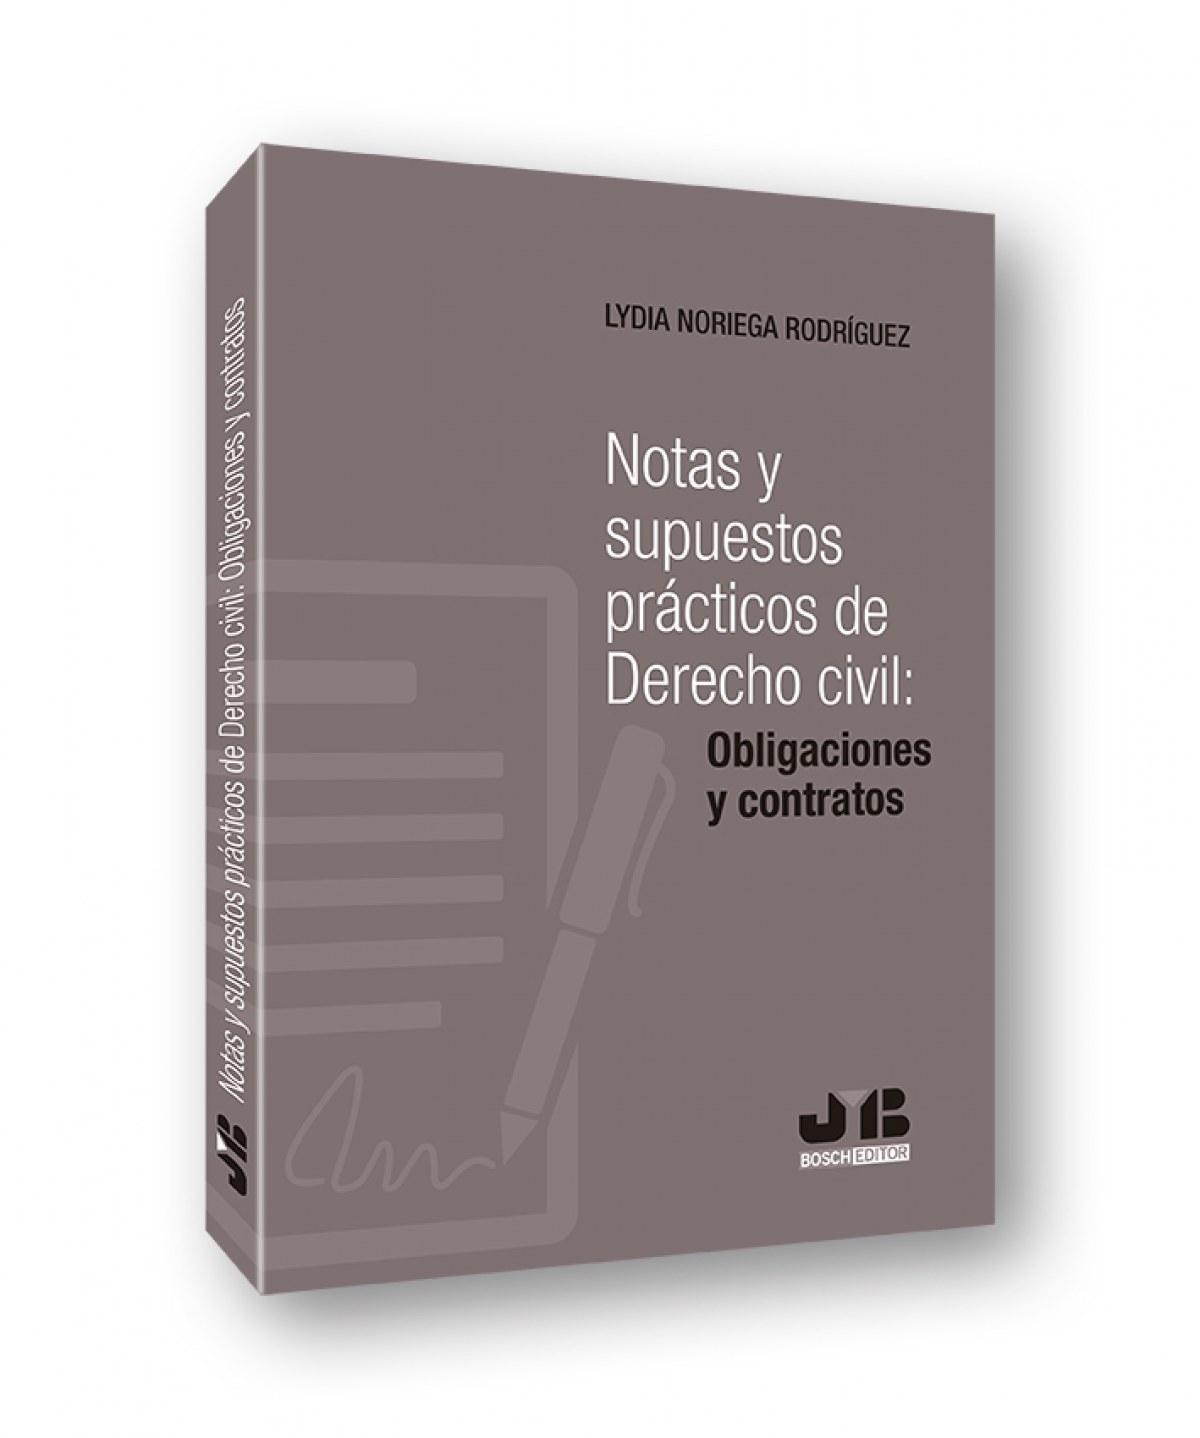 Notas y supuestos prácticos de Derecho civil: obligaciones y cont 9788412270082